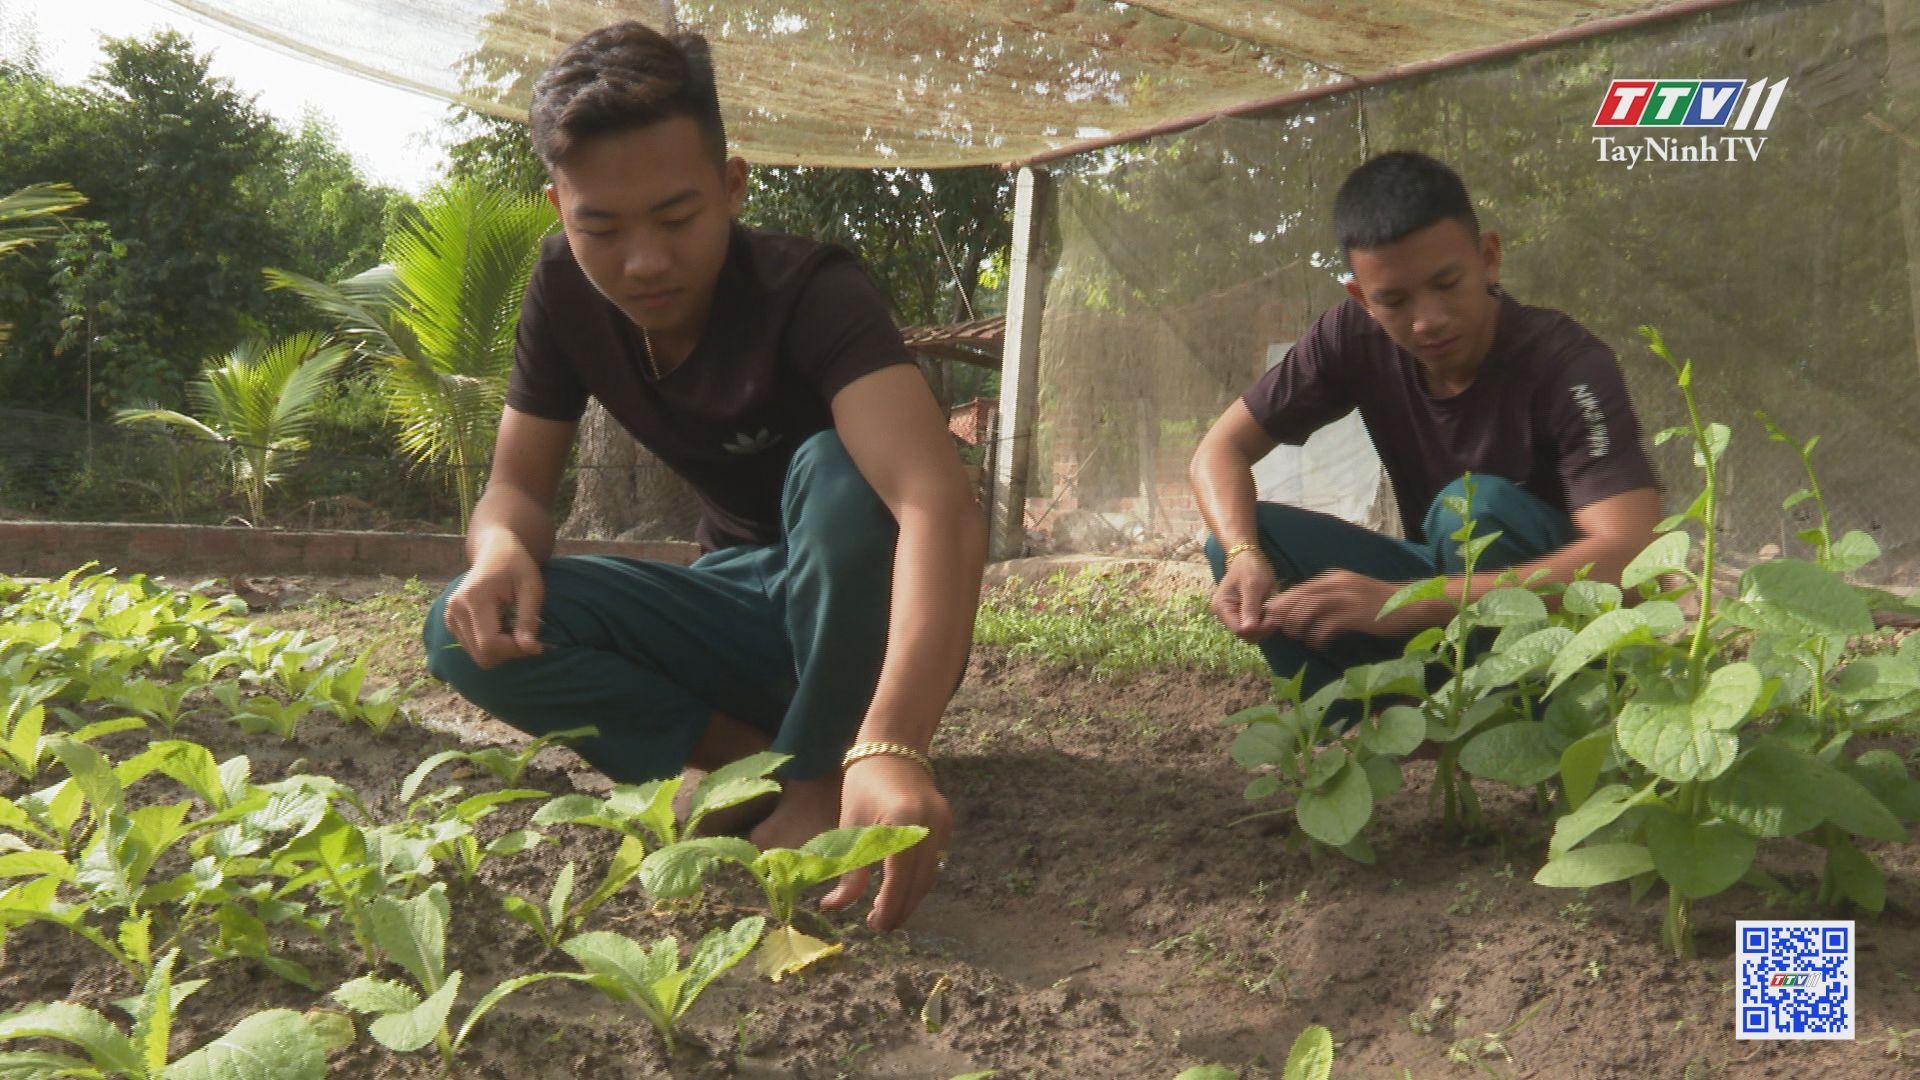 Công tác chăm lo chế độ, chính sách cho lực lượng Dân quân nơi biên giới | PHÁP LUẬT VỀ DÂN QUÂN TỰ VỆ | TayNinhTV